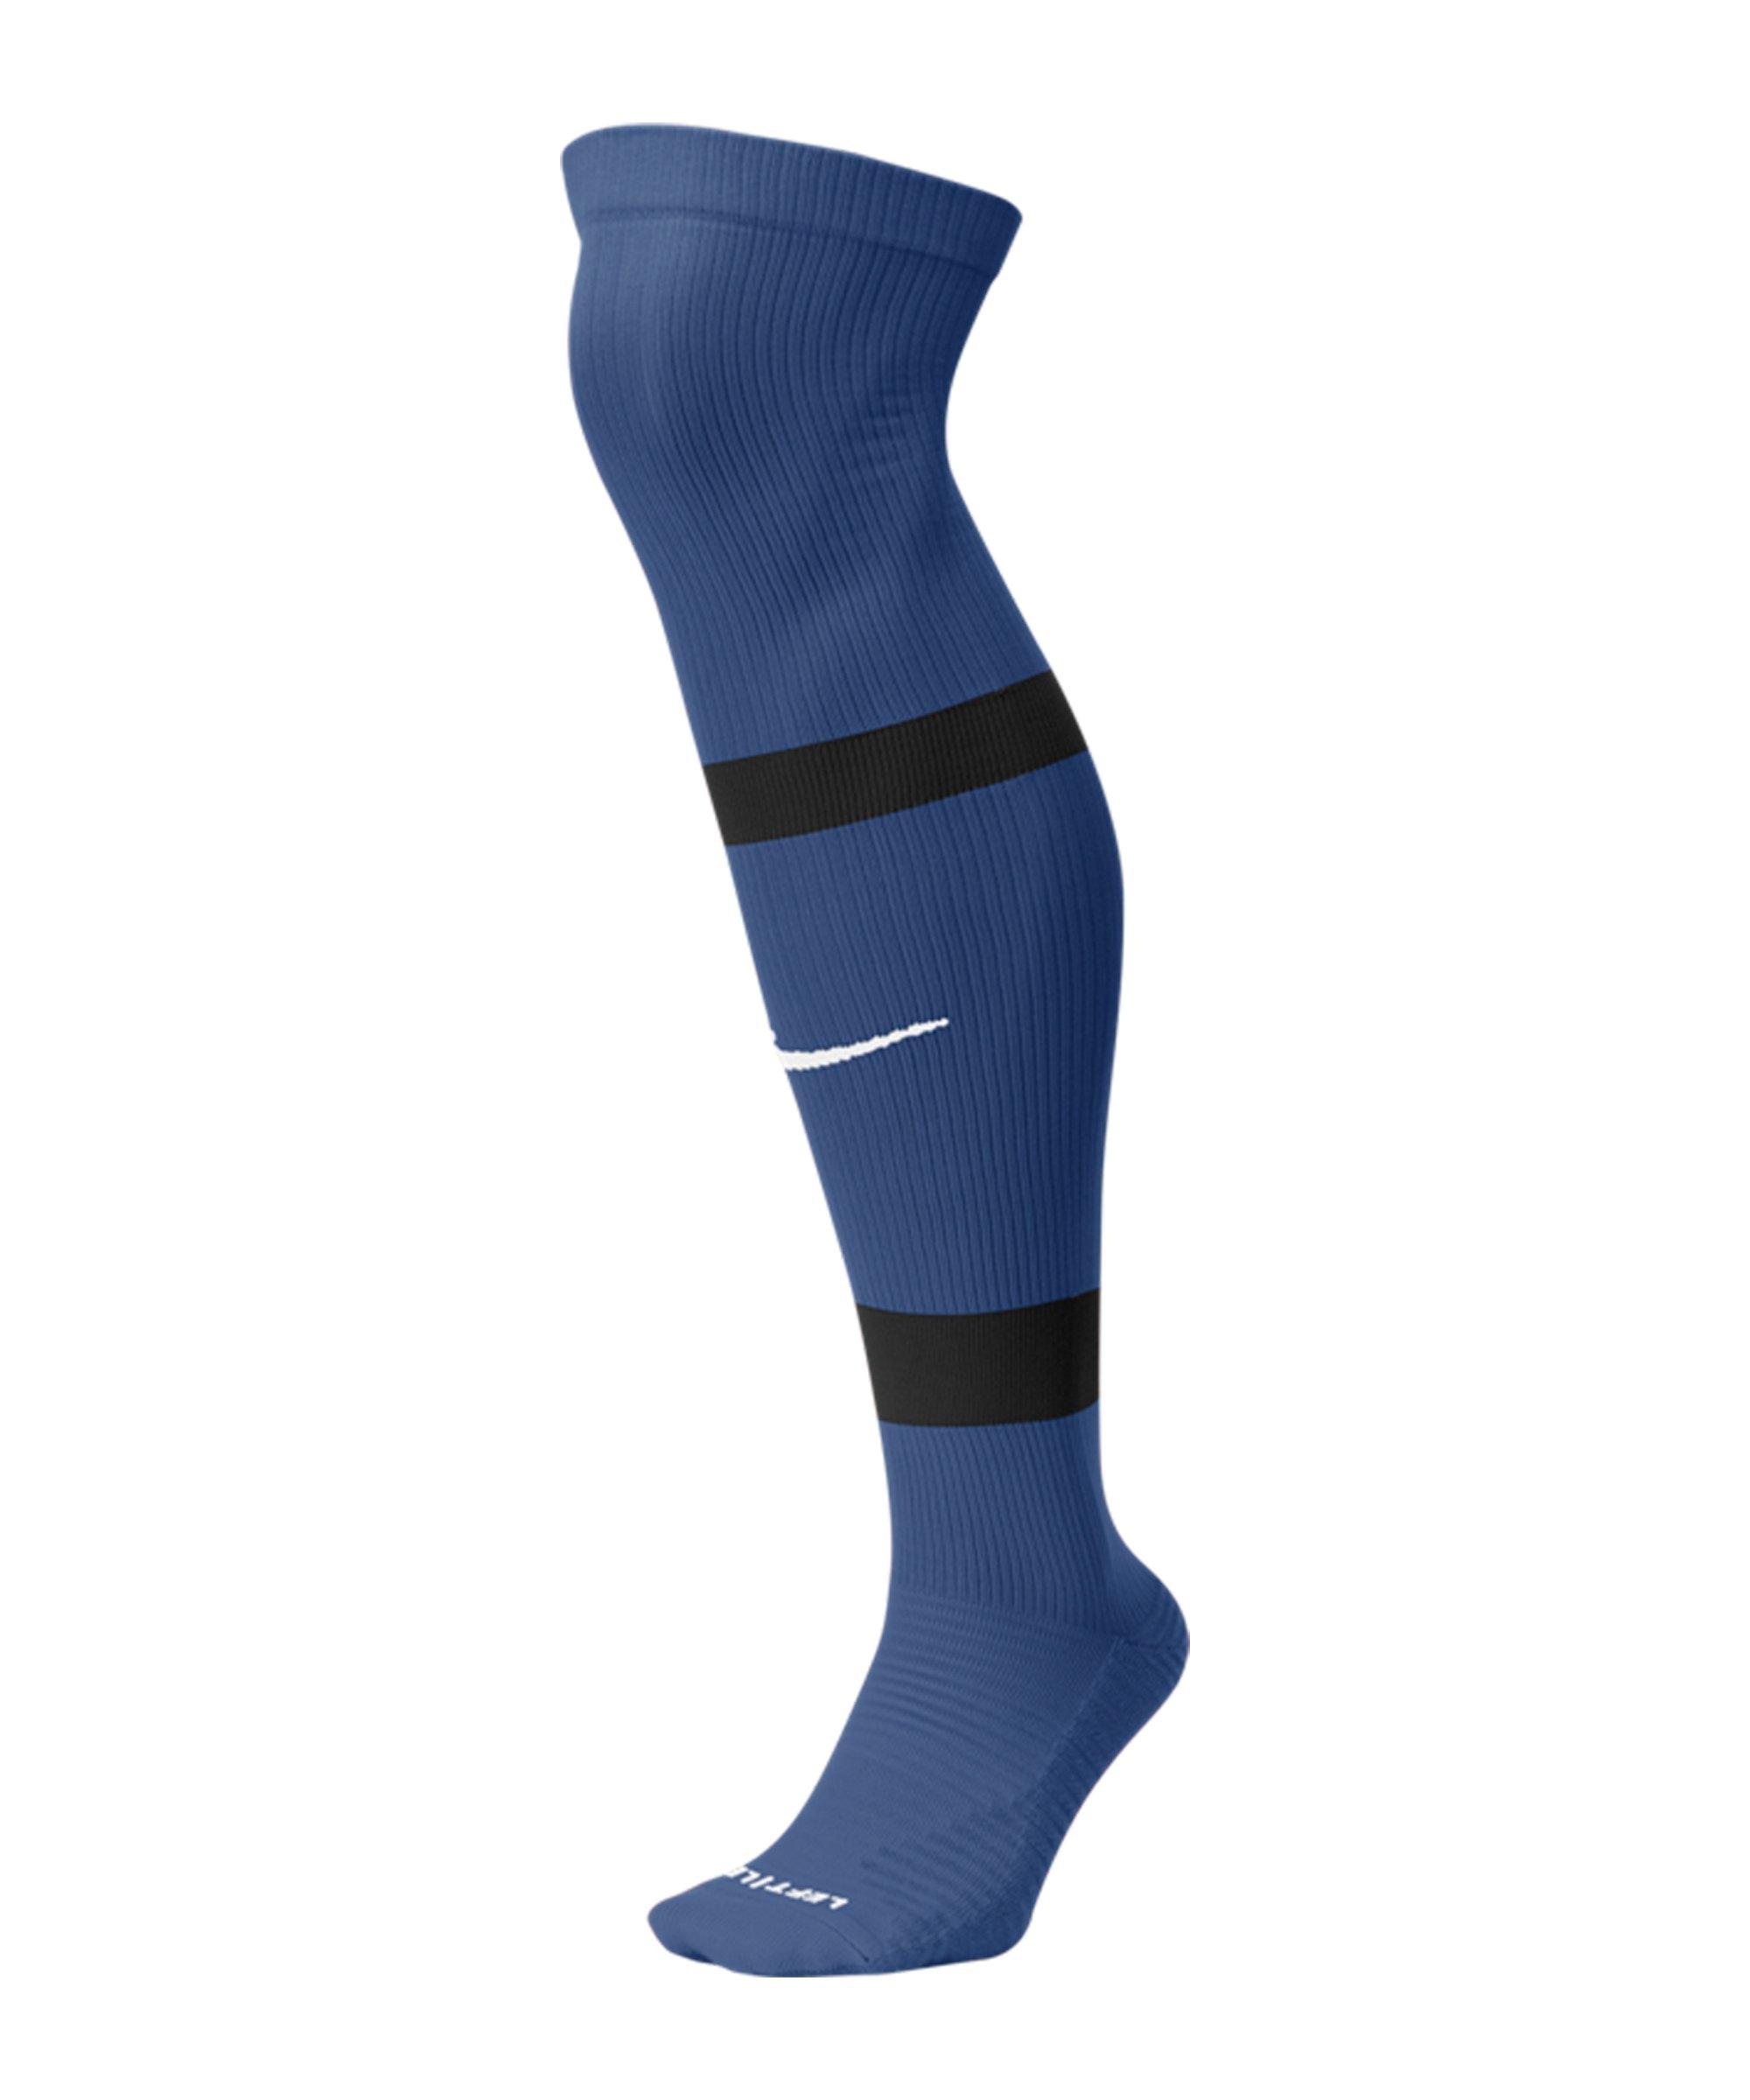 Nike Matchfit OTC Knee High Stutzenstrumpf F463 - blau